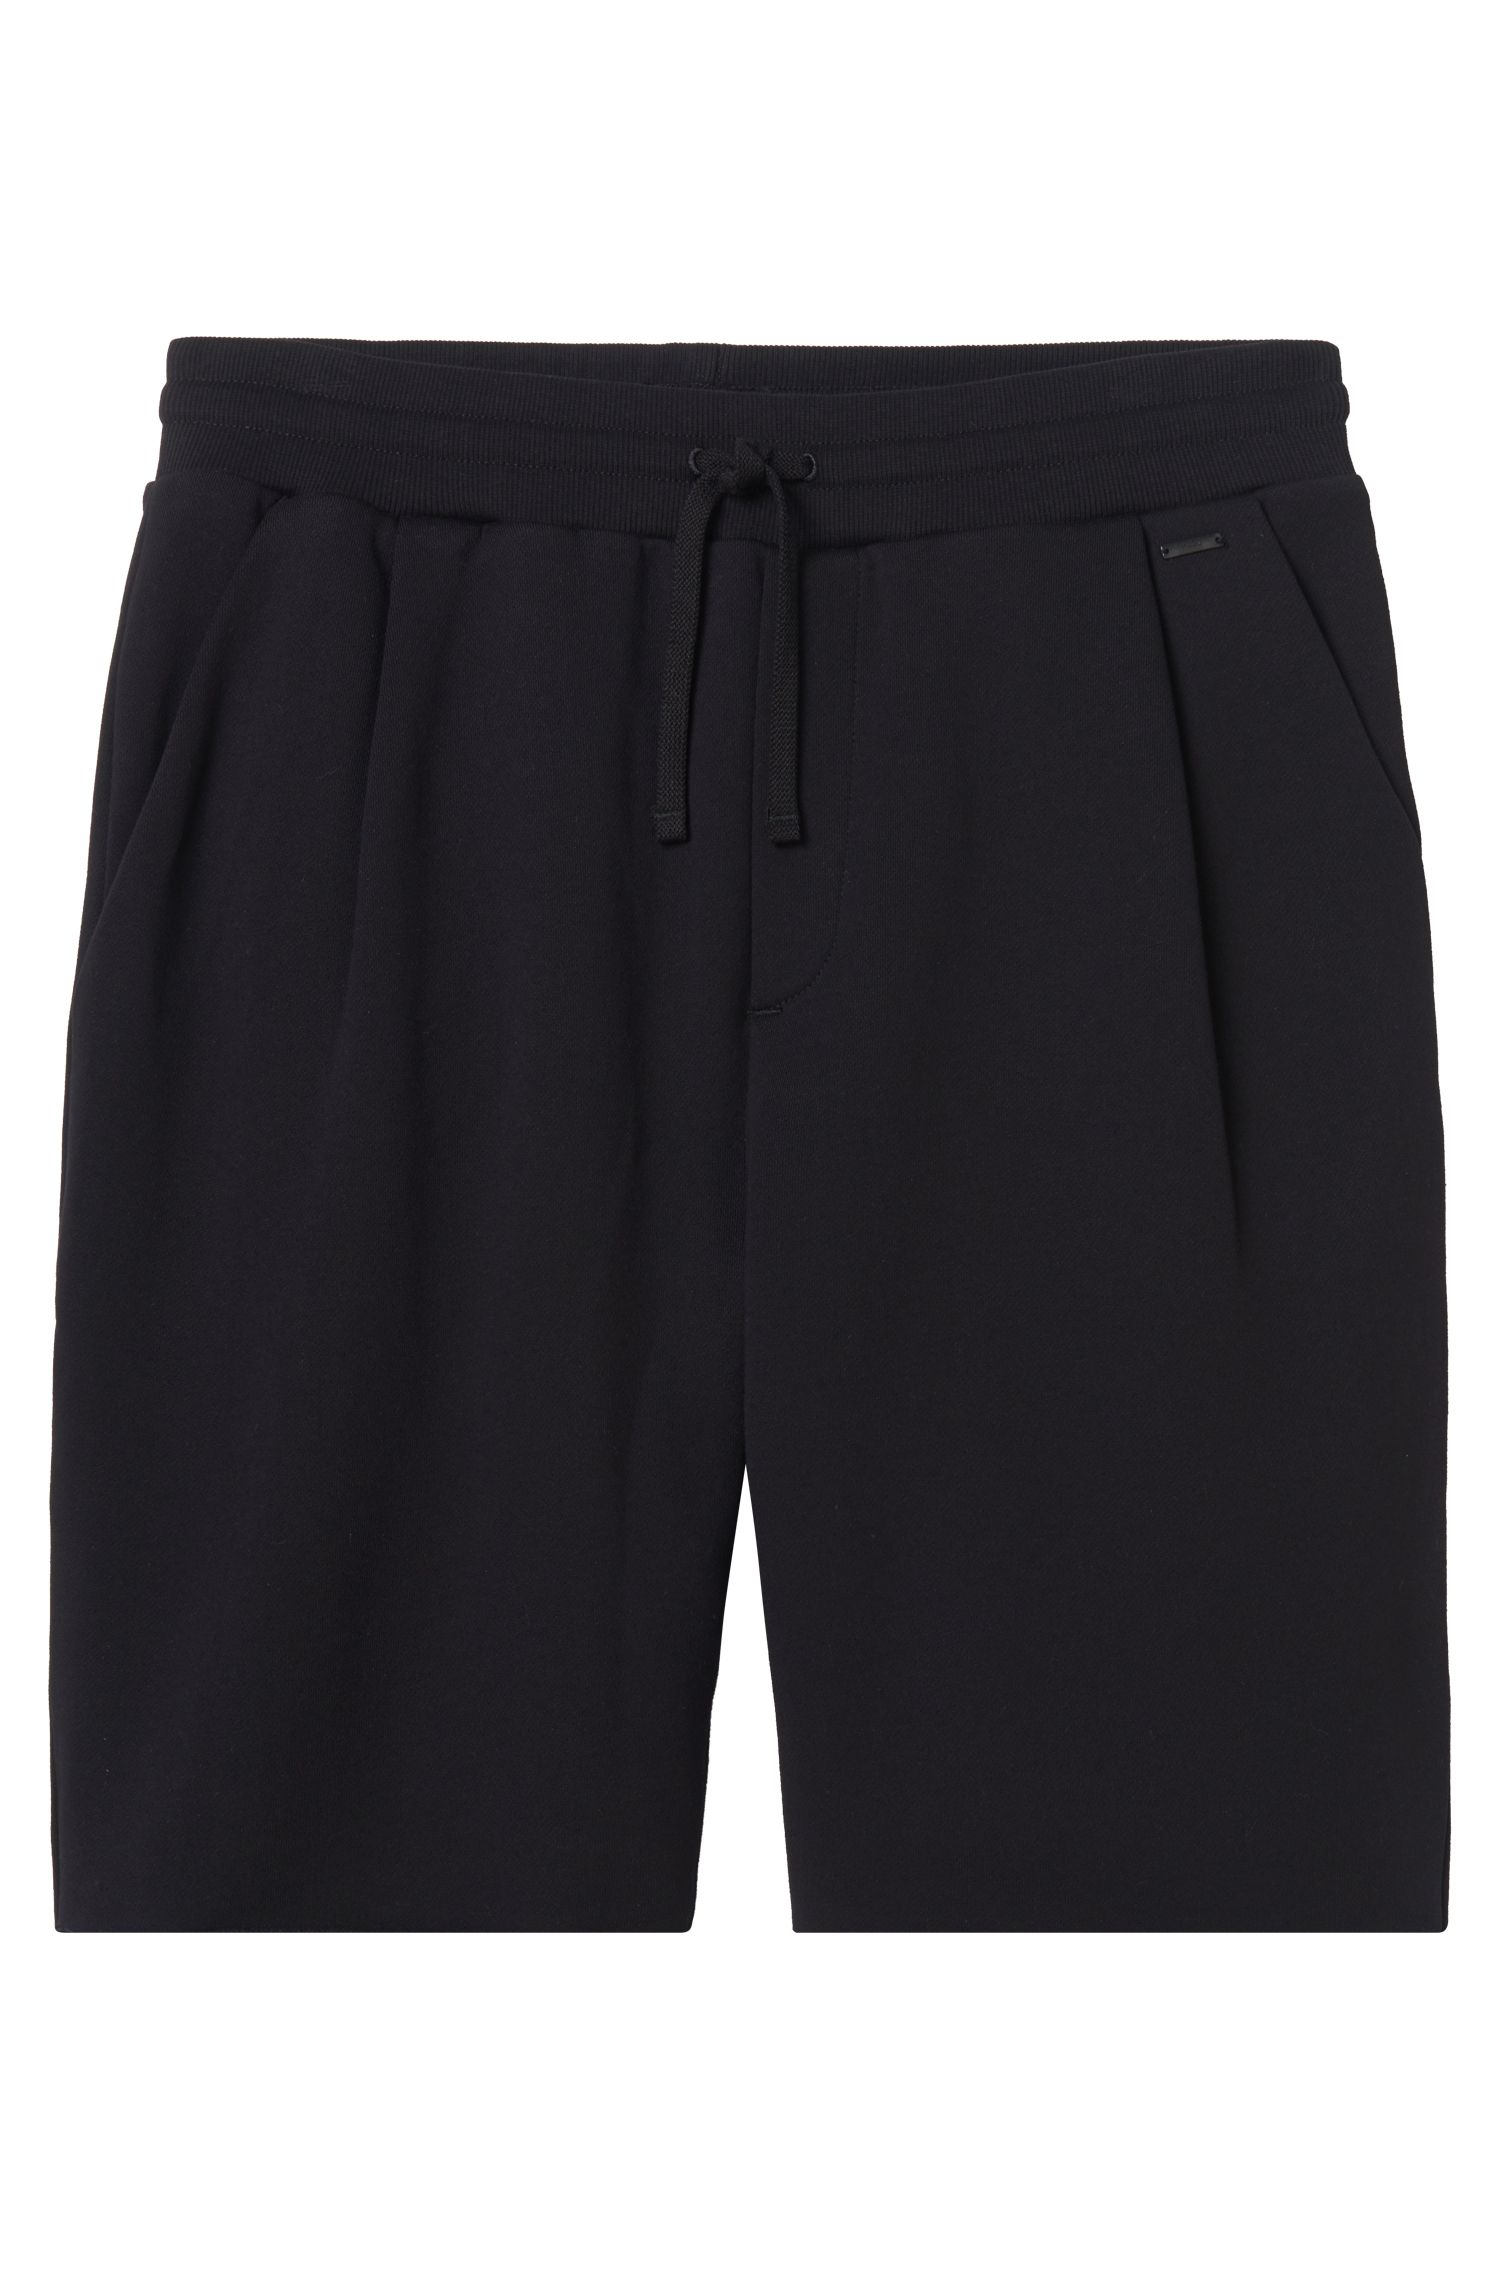 Cotton Short | Desh